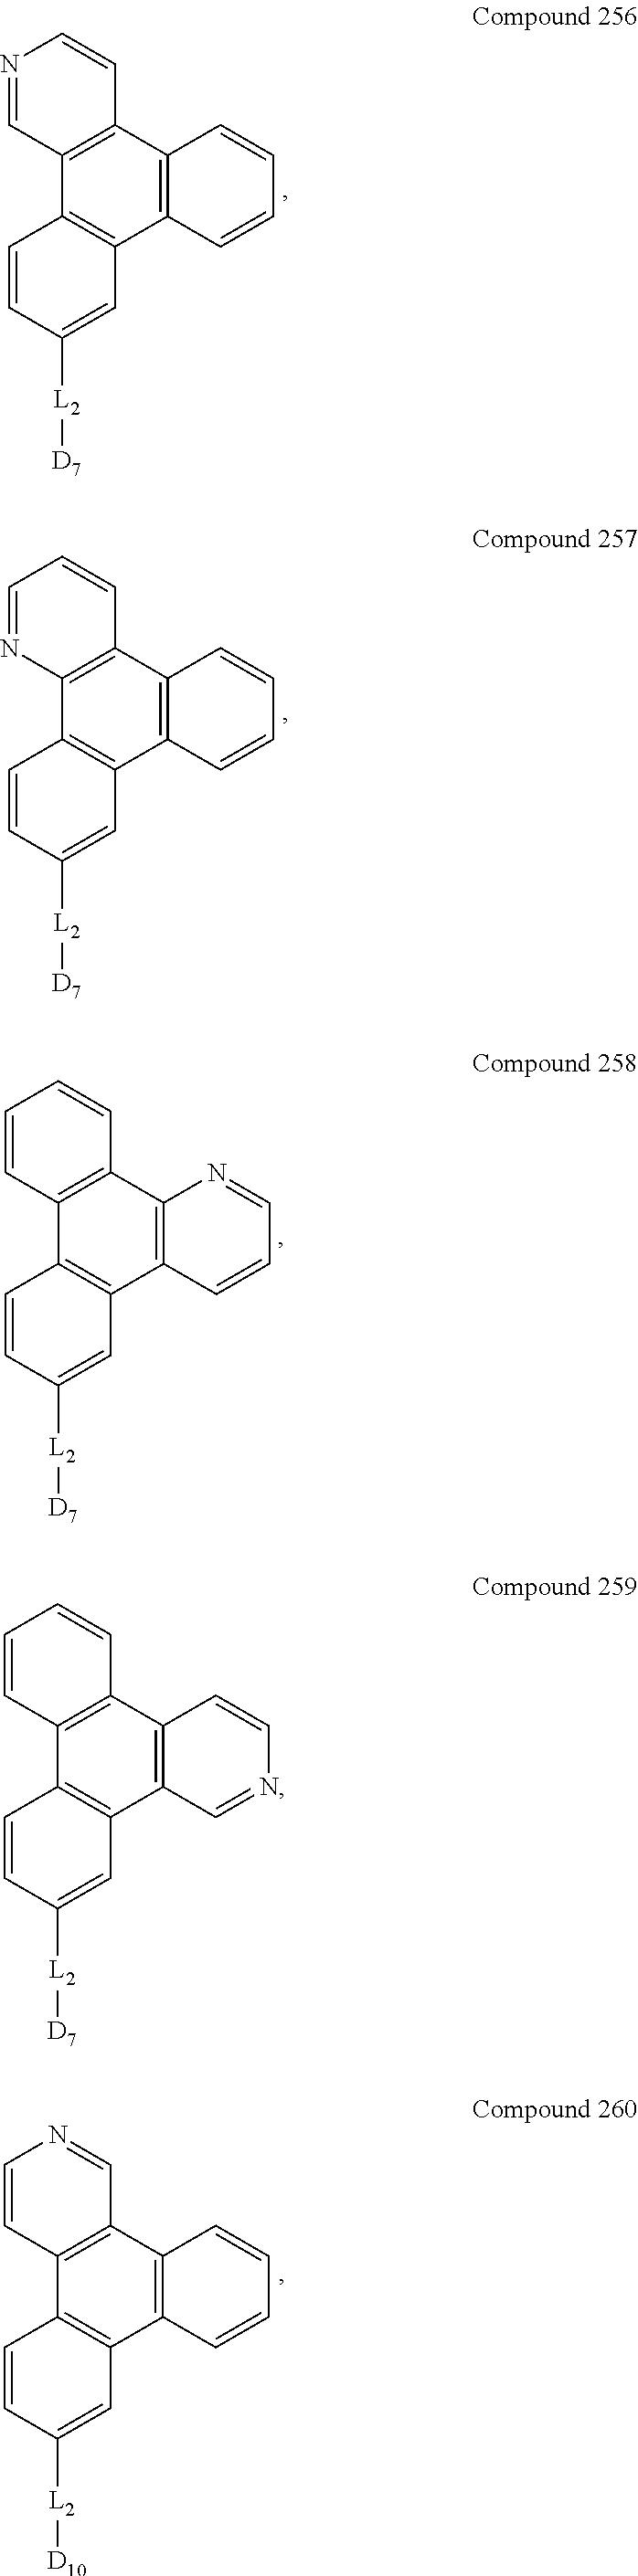 Figure US09537106-20170103-C00207